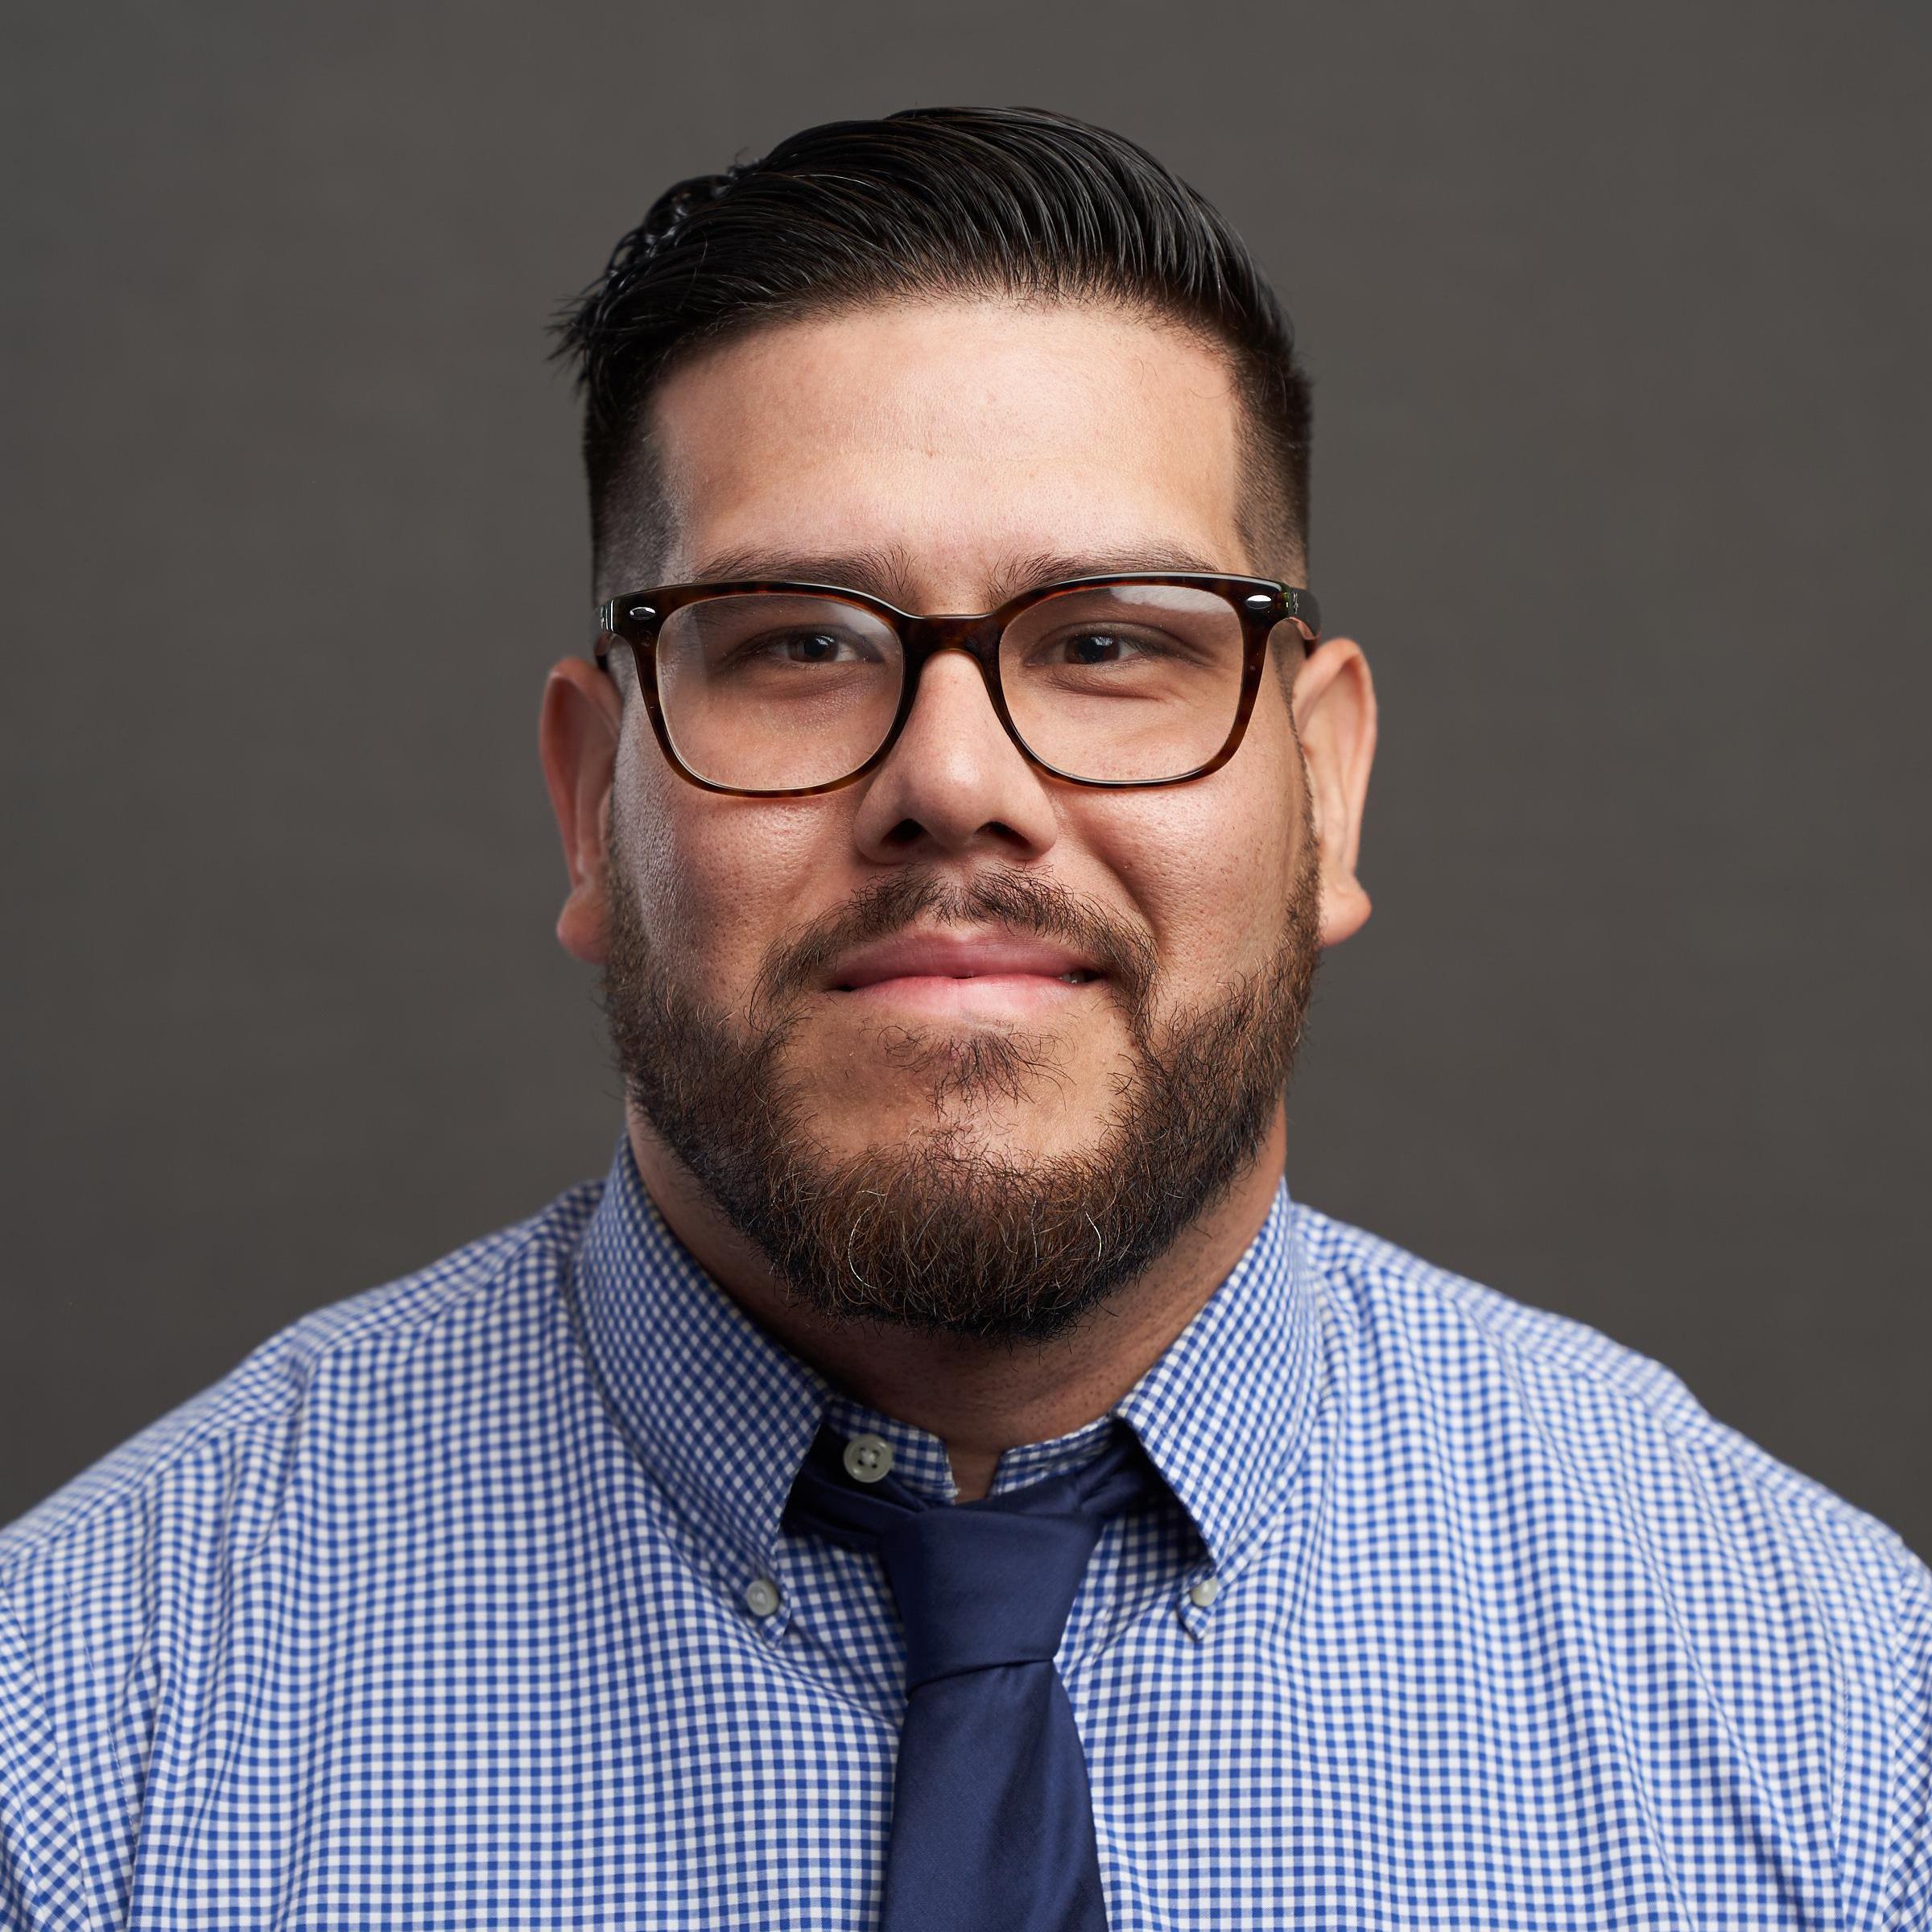 Rogelio Romero's Profile Photo